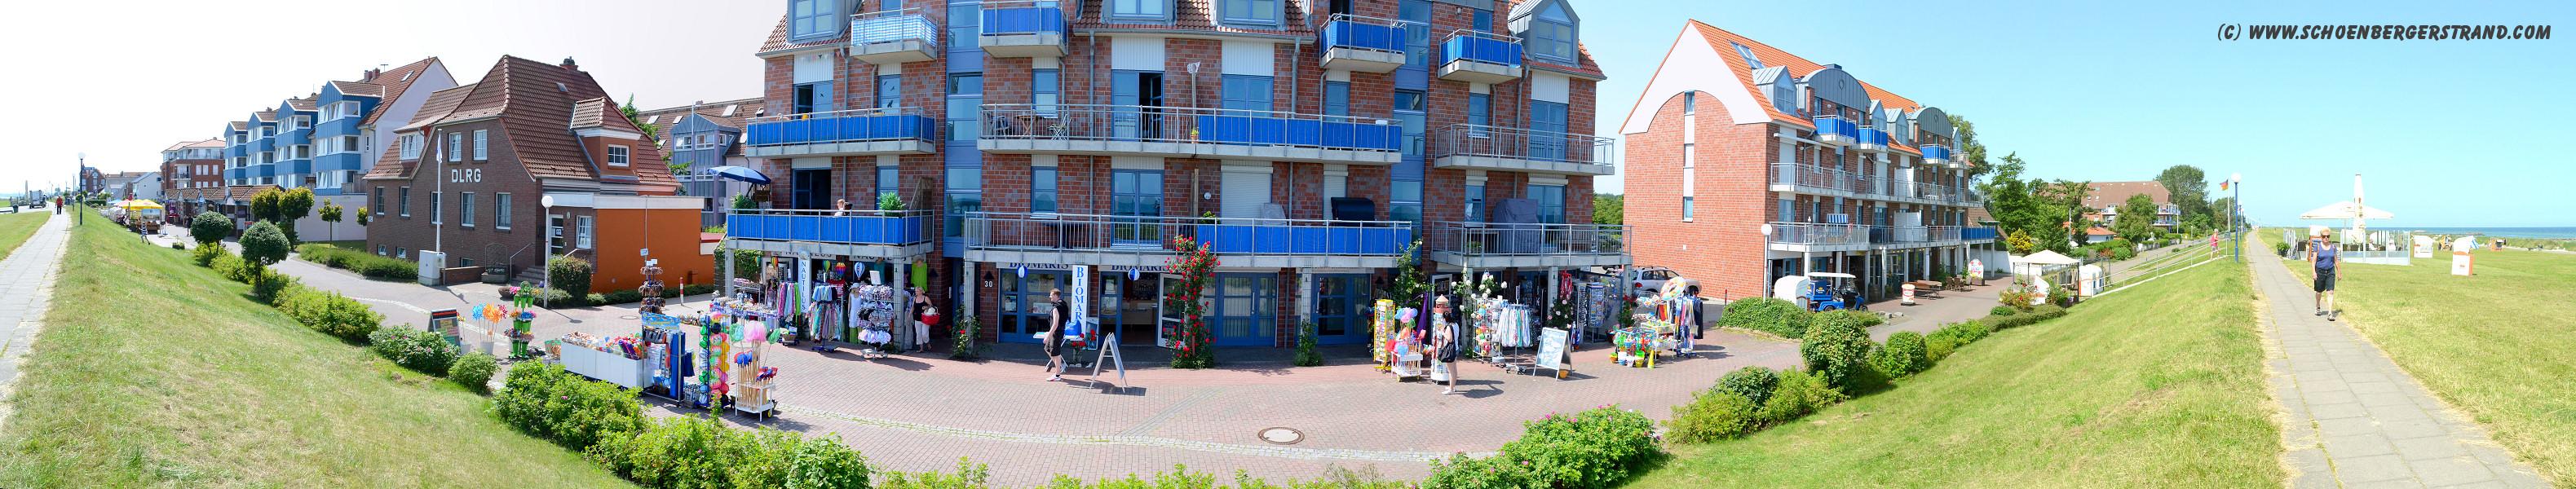 Ladenzeile an der Seebrücke Schönberger Strand III